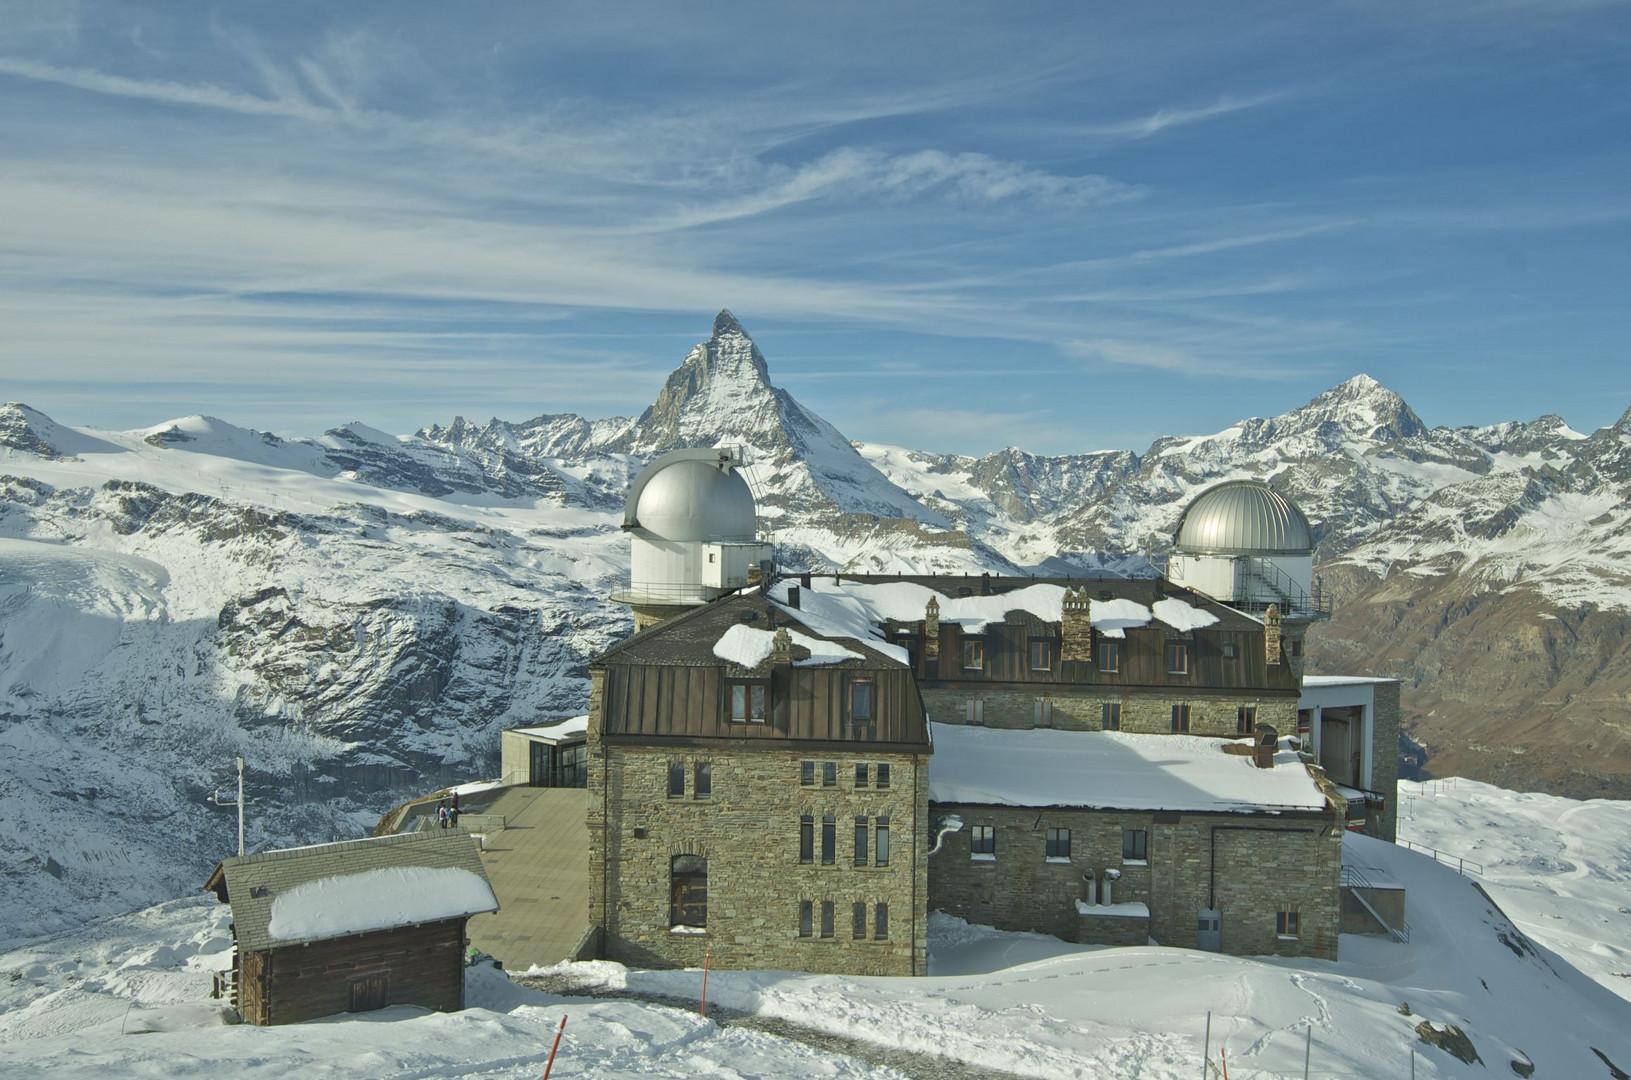 Gornergrat 3089m ü M mit dem Matterhorn